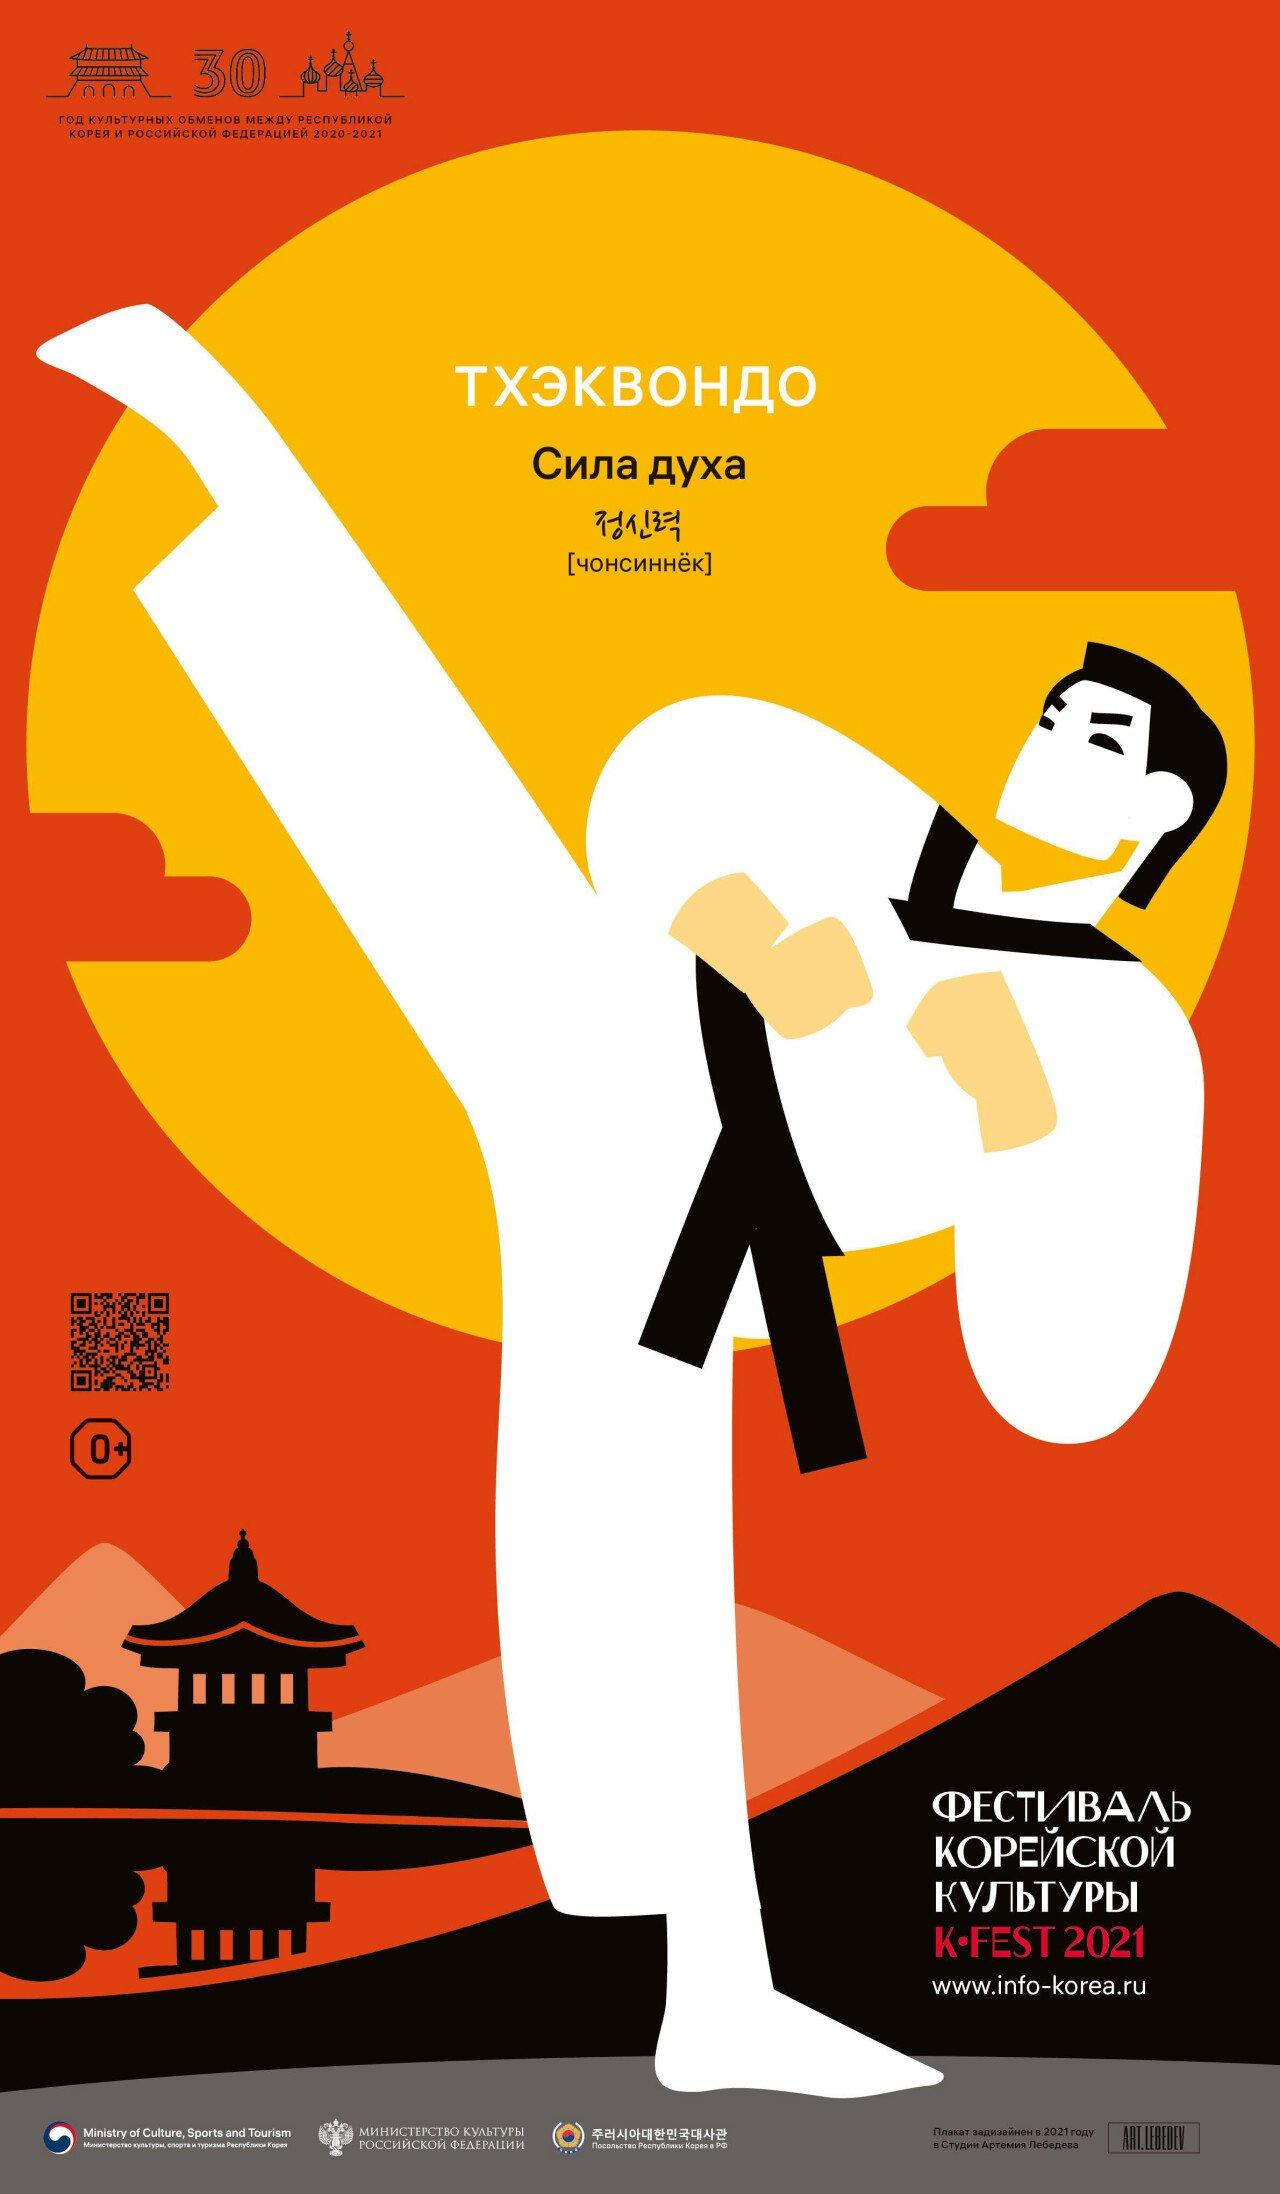 마더.jpg 러시아가 공개한 한국 수교 30주년 포스터 ㄷㄷㄷ.jpg